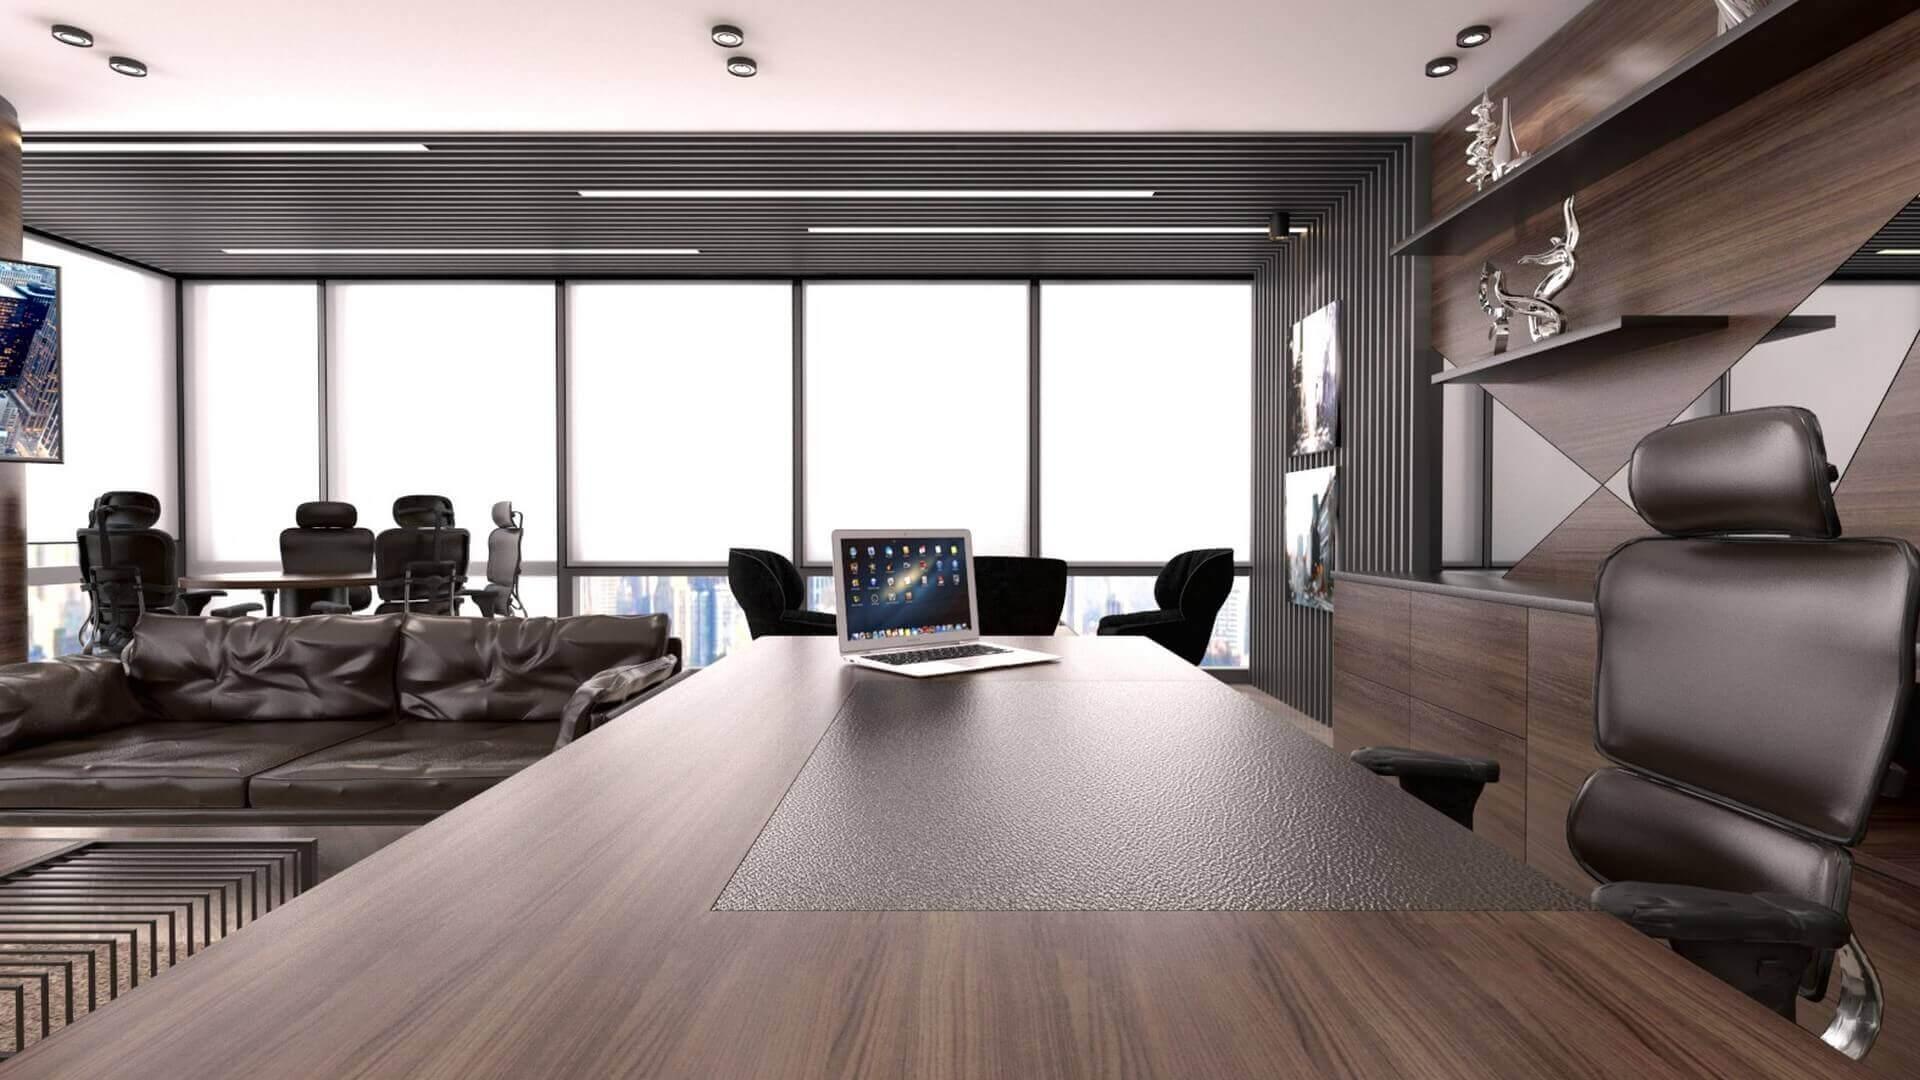 Yıldız Kule 2257 Bahar Construction Offices